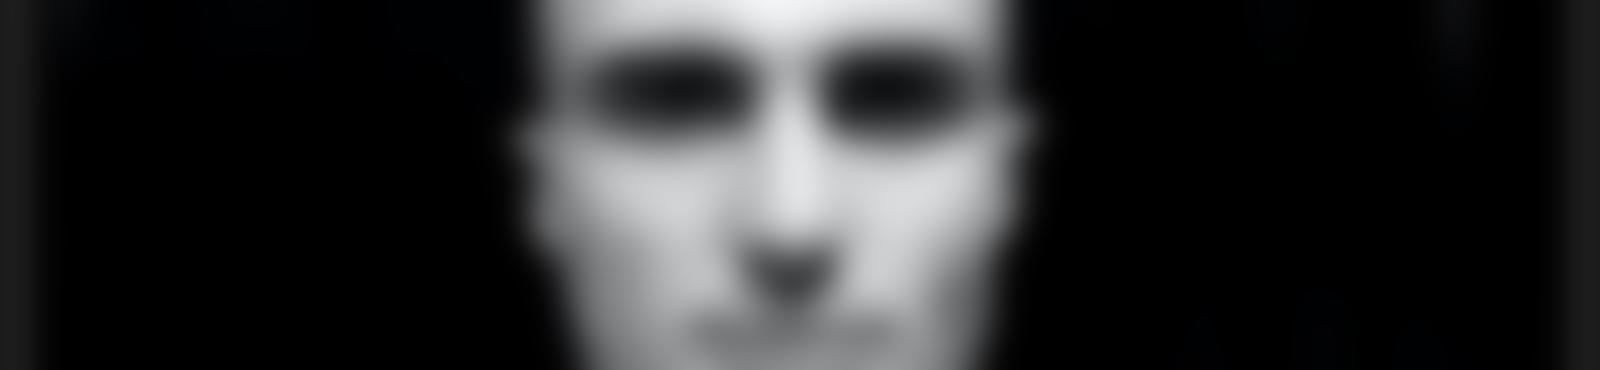 Blurred 9c7cadb8 12ad 4982 9995 55af6b7bf25c